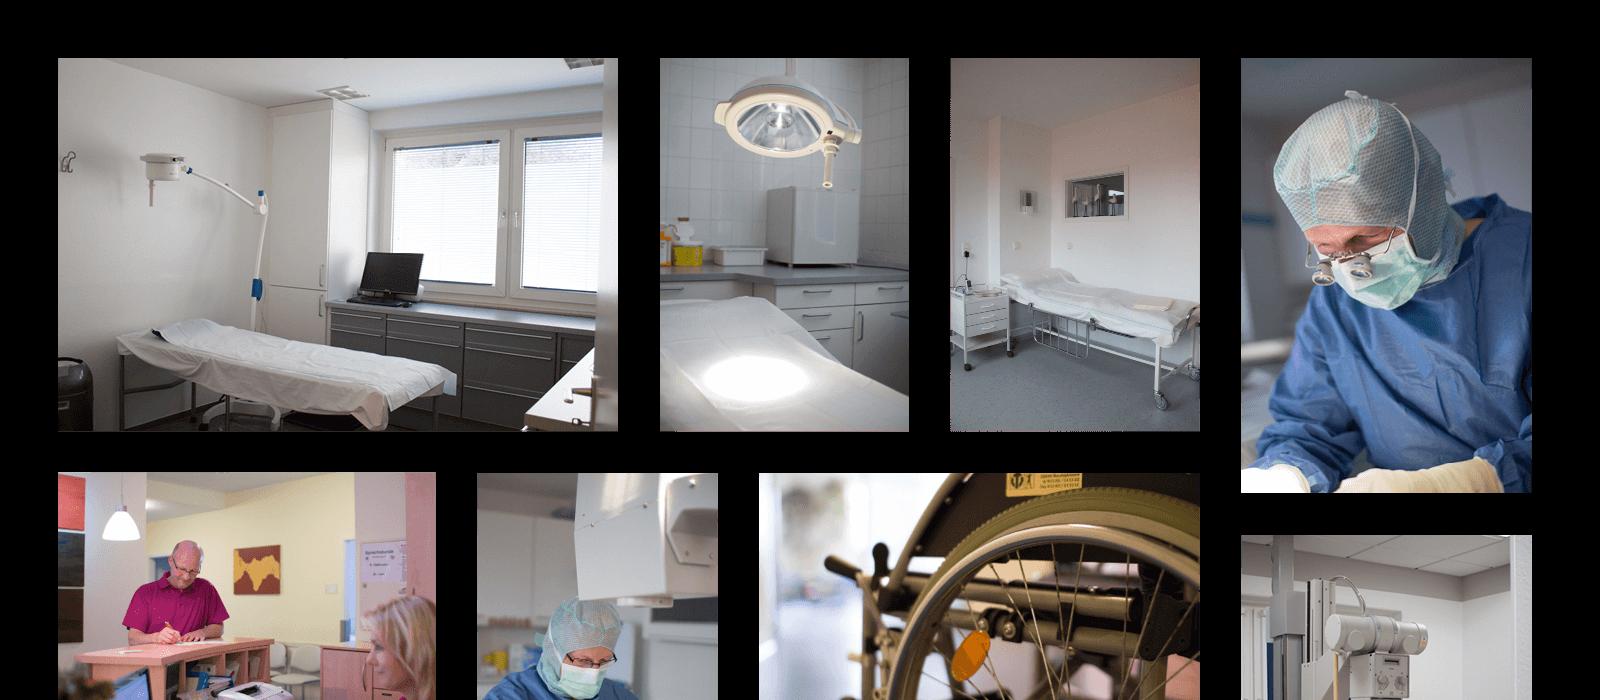 Agentur Goldkind Referenz Fotos Lüer & Hafemann